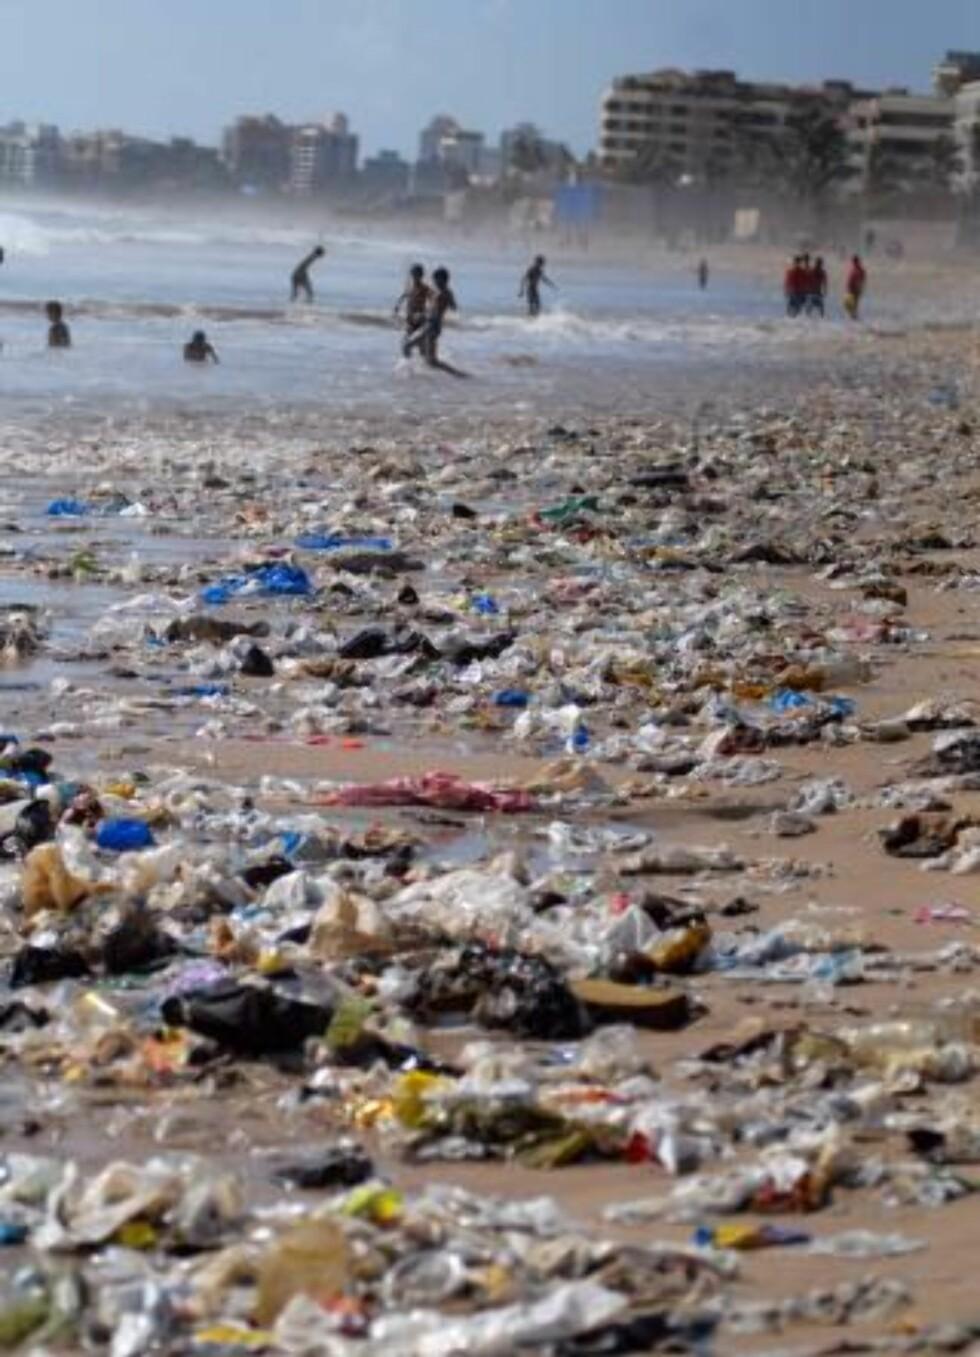 MER OG MER PLAST: Plastkonsumet øker i hele verden. Mellom 500 milliarder og 1 billion plastposer blir brukt i verden hvert år. Her fra Mumbai, India. Bildet er fra i dag. Foto: EPA/DIVYAKANT SOLANKI